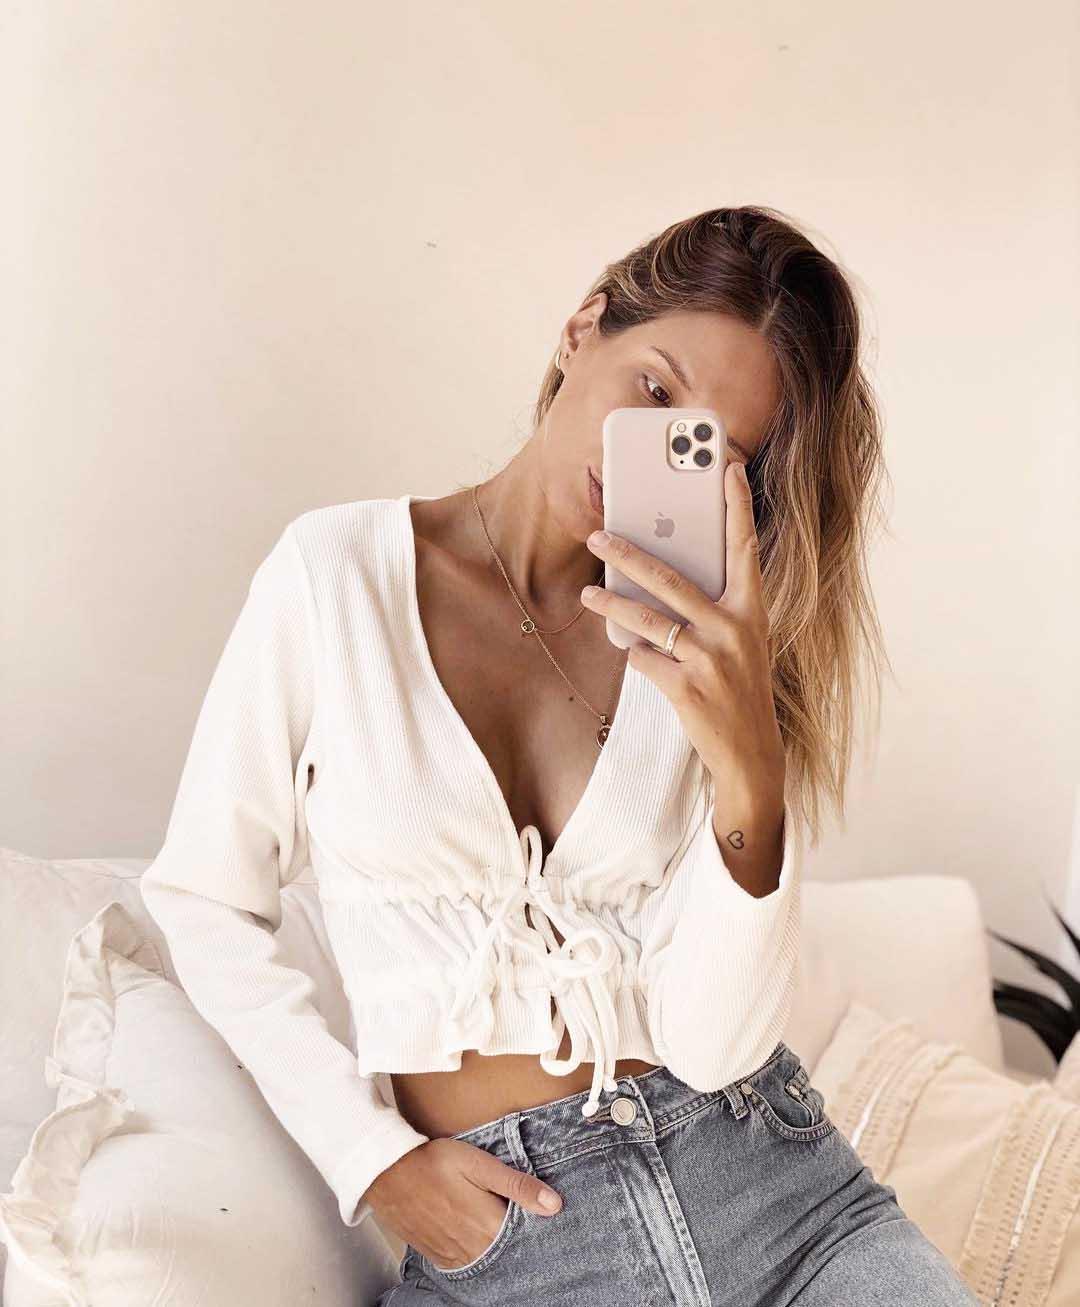 pupera blusa corta invierno 2021 moda mujer